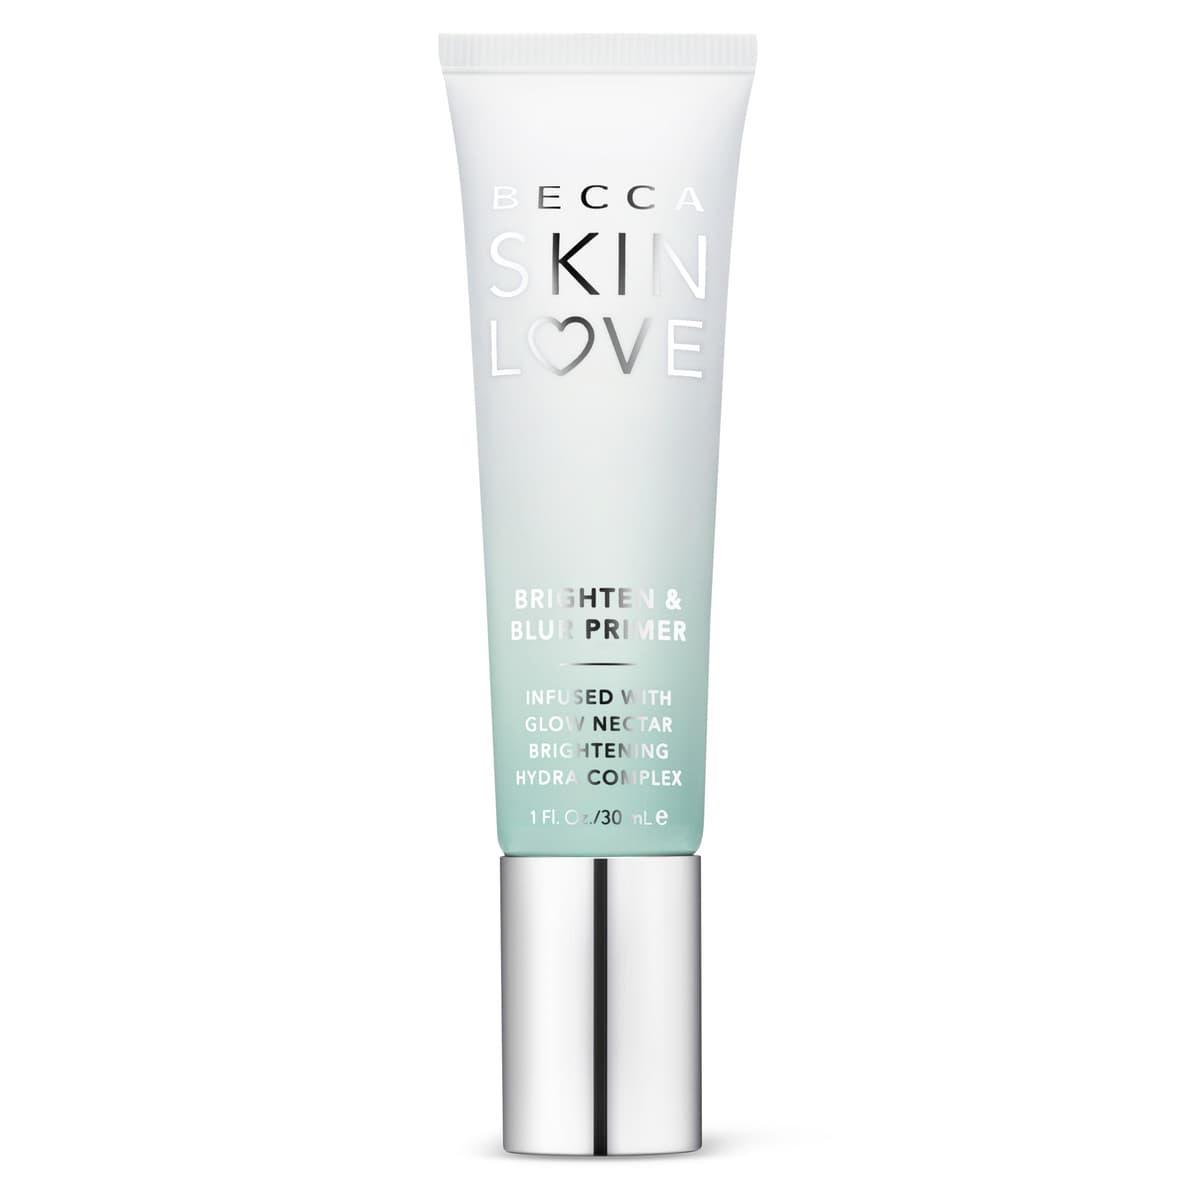 BECCA Skin Love Brighten And Blur Primer Mini